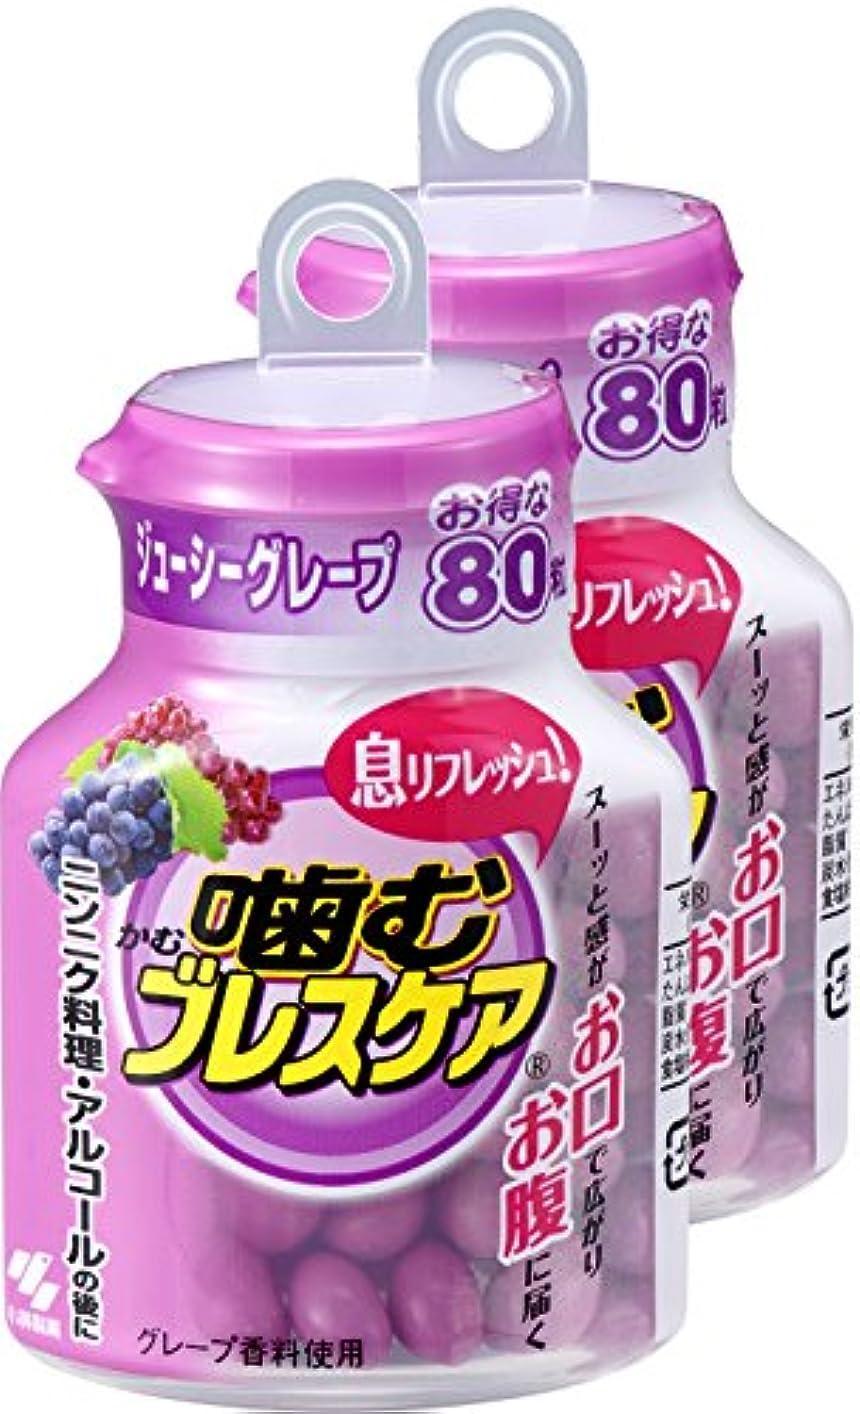 肥沃な勝者ミスペンド【まとめ買い】噛むブレスケア 息リフレッシュグミ ジューシーグレープ ボトルタイプ お得な80粒×2個(160粒)